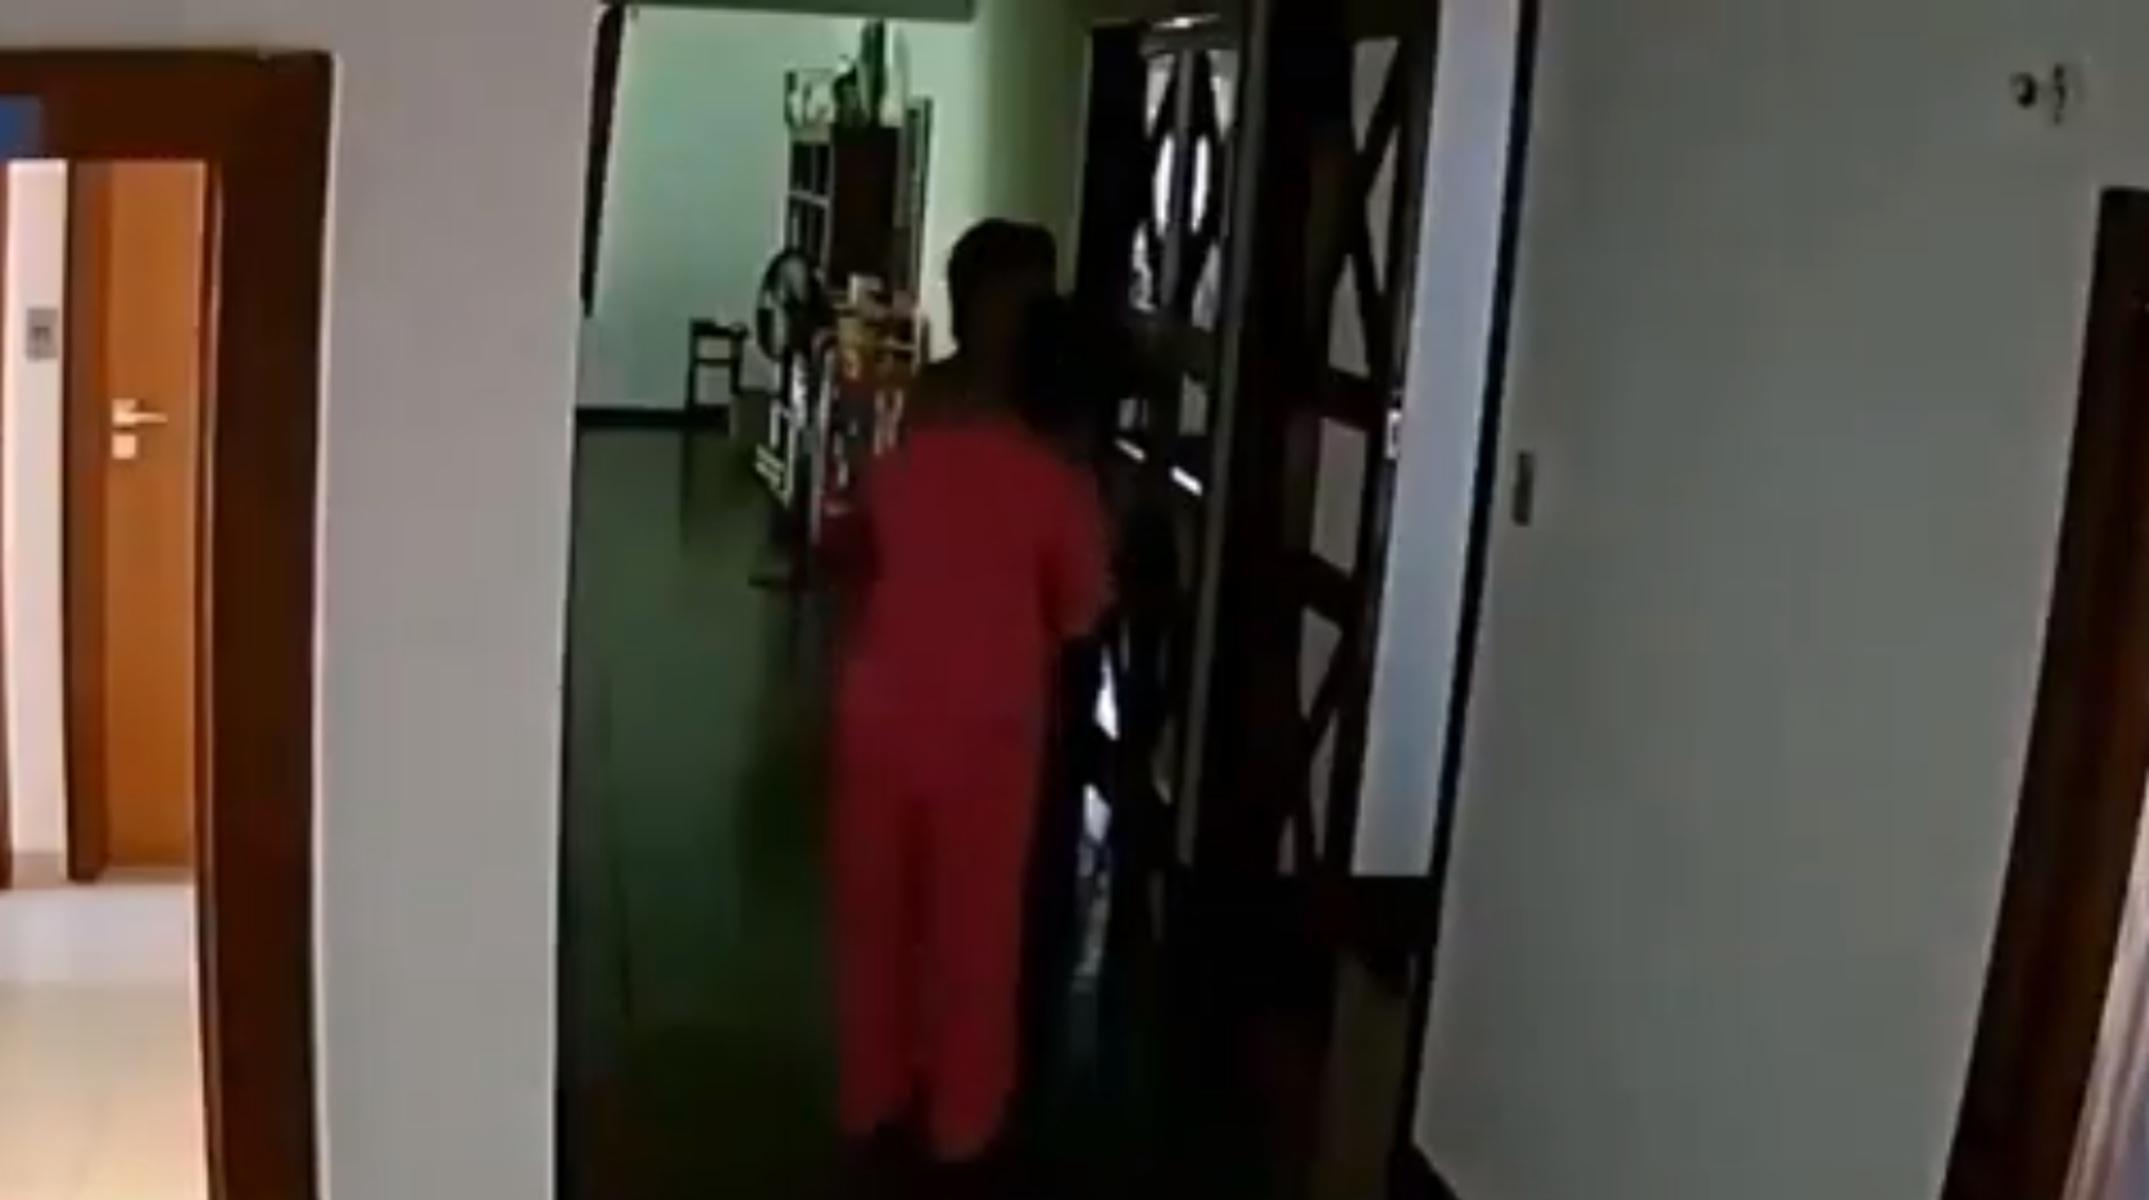 Φιλιππίνες: Ξήλωσαν γυναίκα πρέσβη γιατί ξυλοκοπούσε την οικιακή της βοηθό